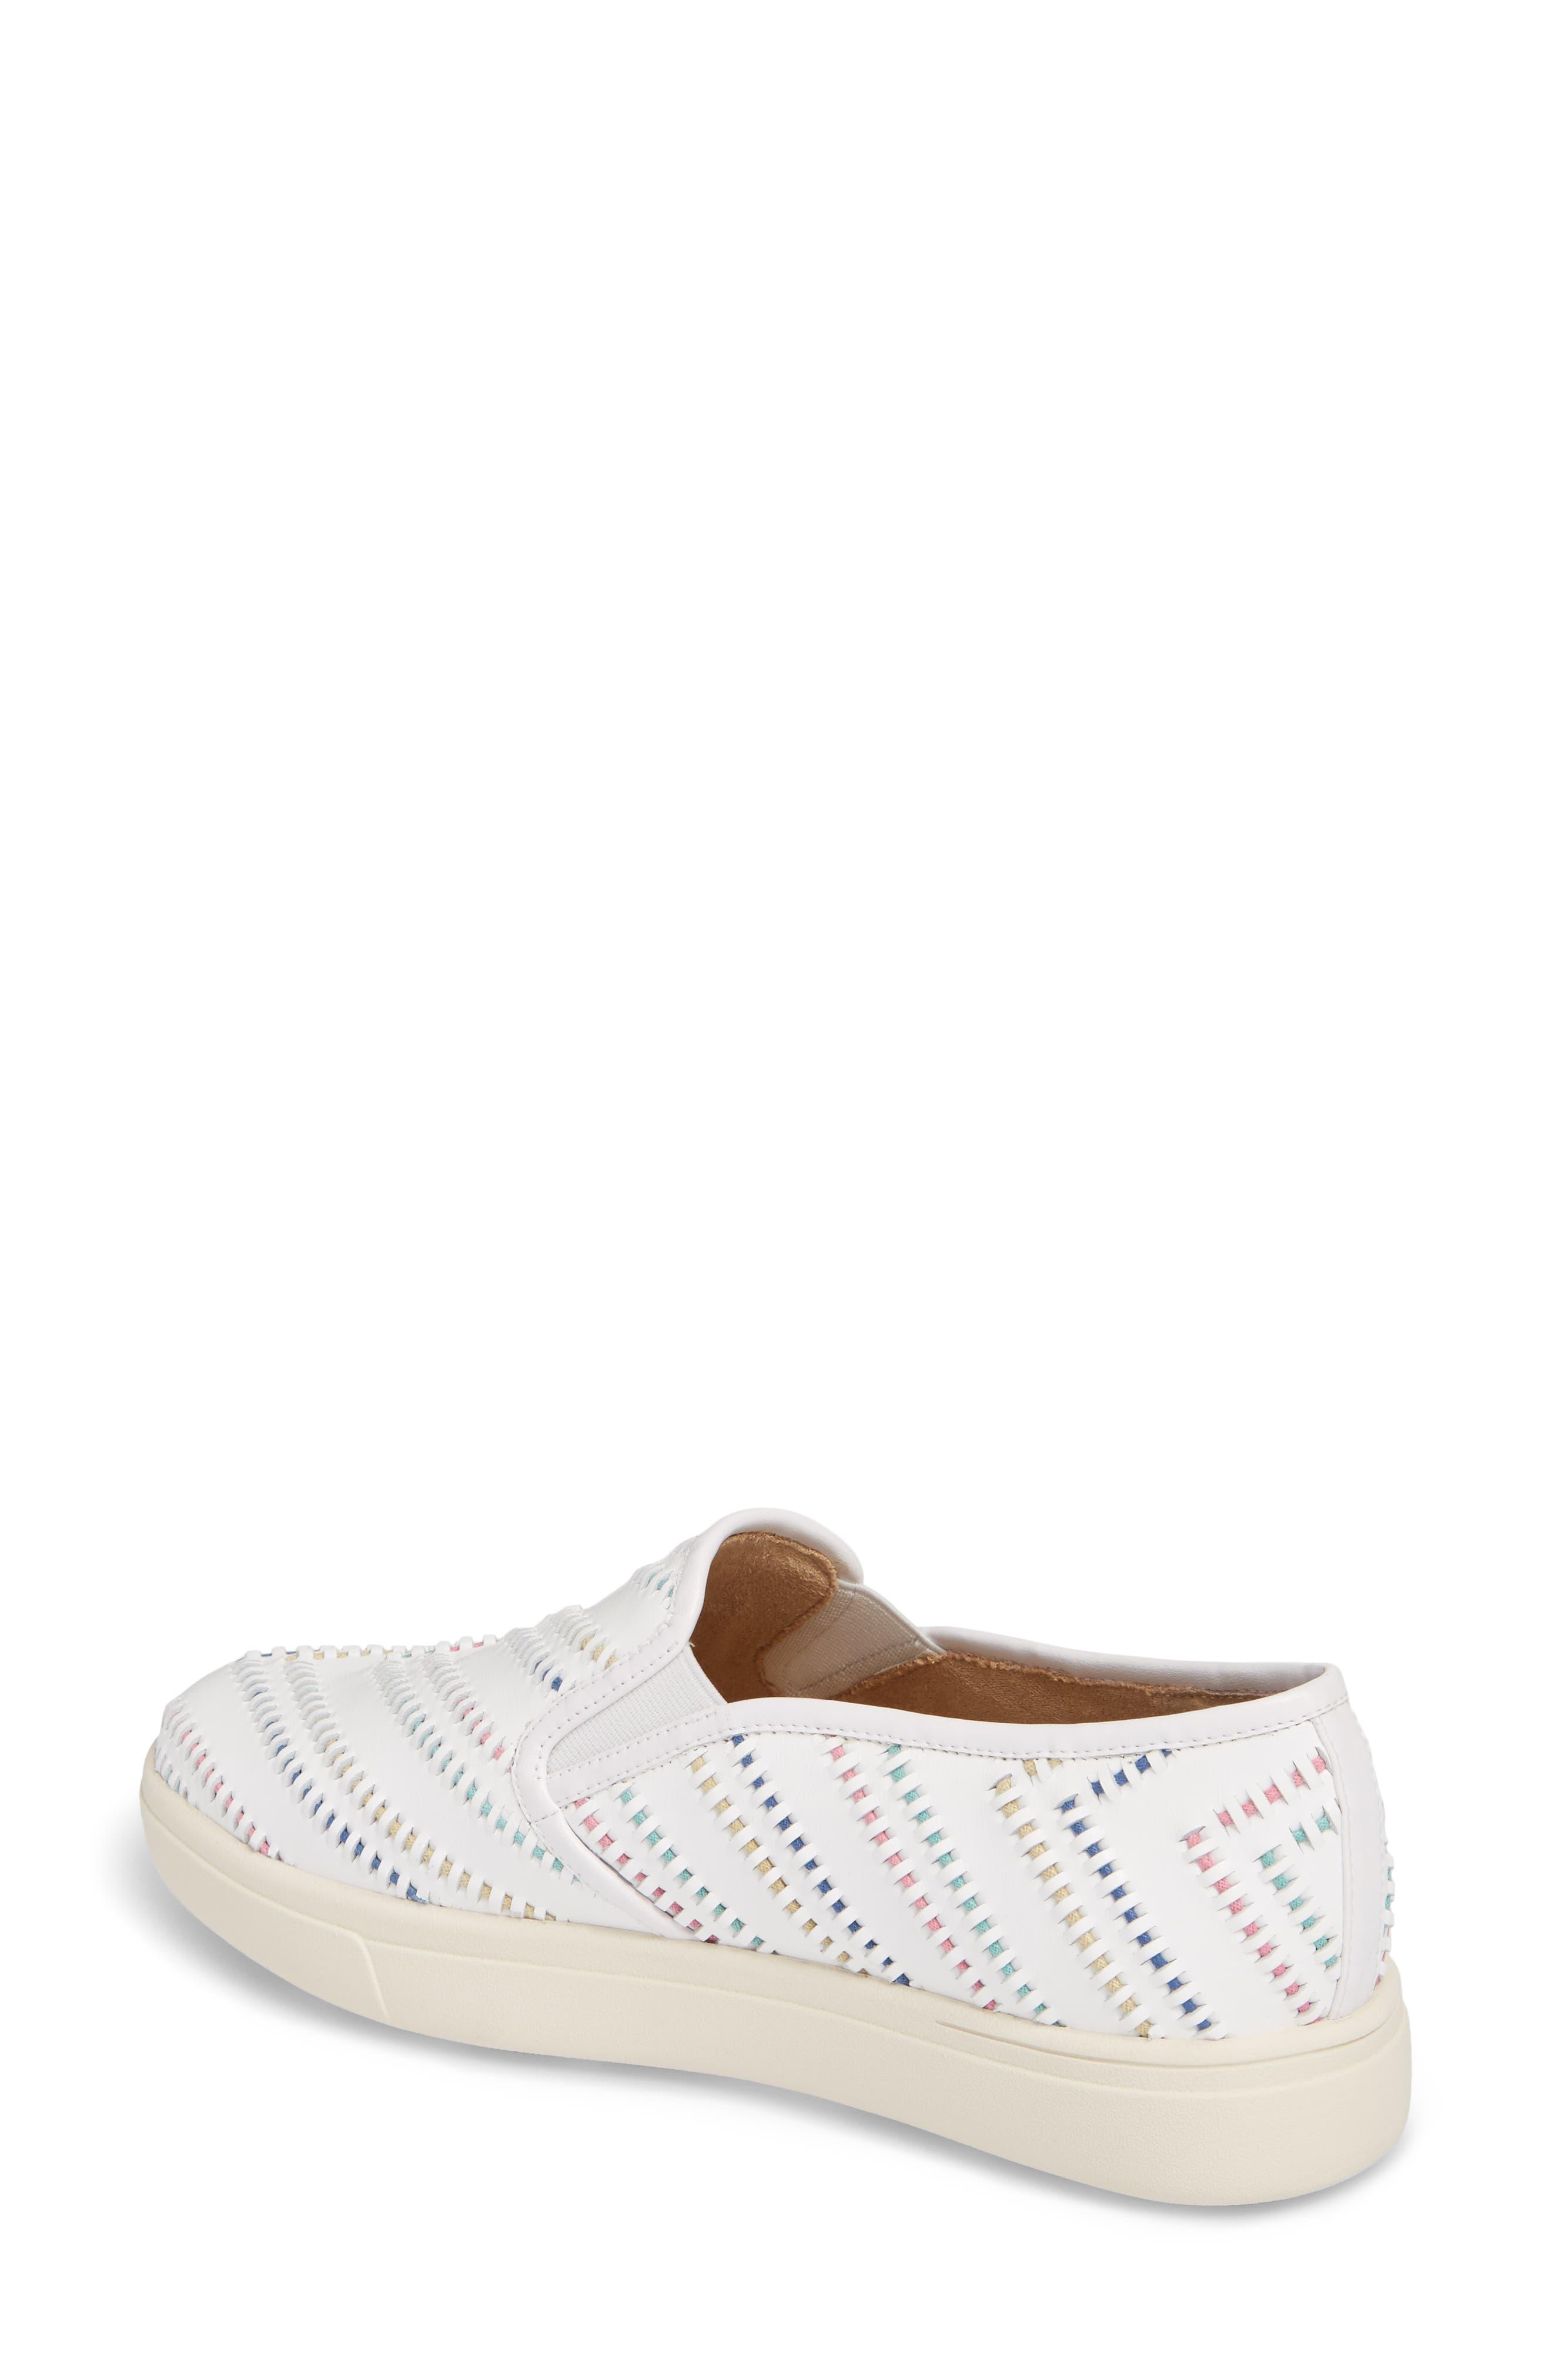 Ocean Slip-On Sneaker,                             Alternate thumbnail 2, color,                             White Leather